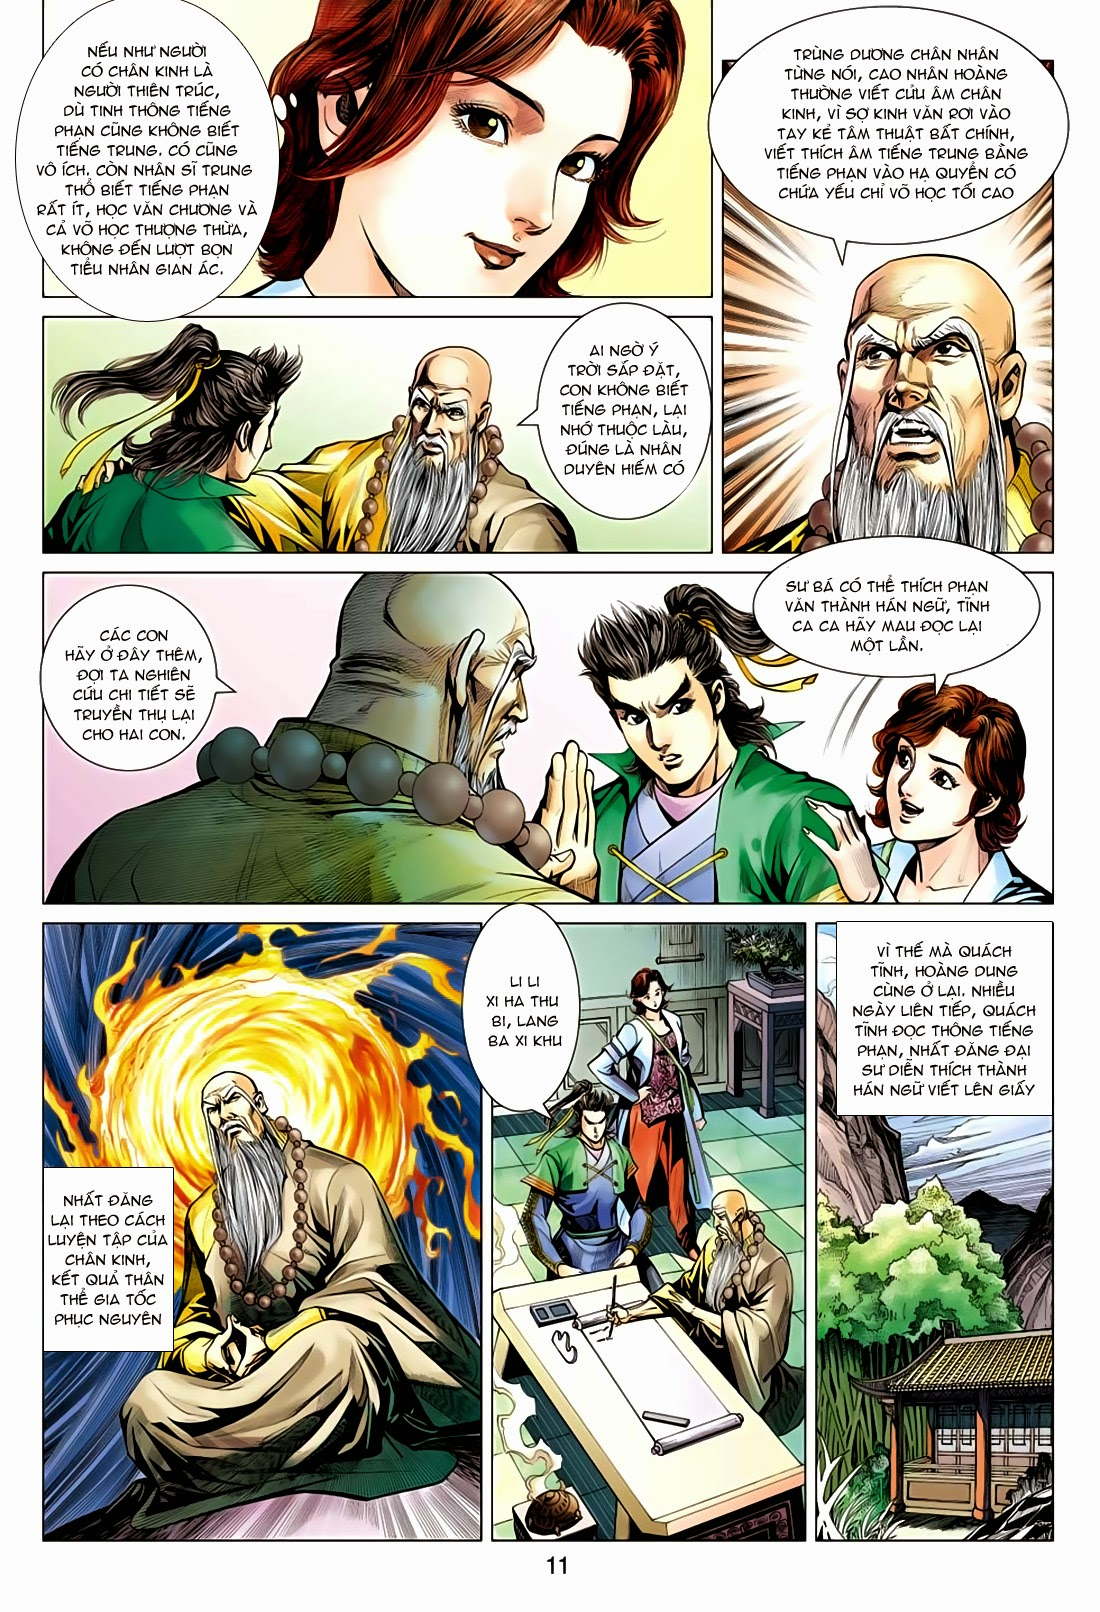 xem truyen moi - Anh Hùng Xạ Điêu - Chapter 80: Quyết chiến Thanh Long Tập